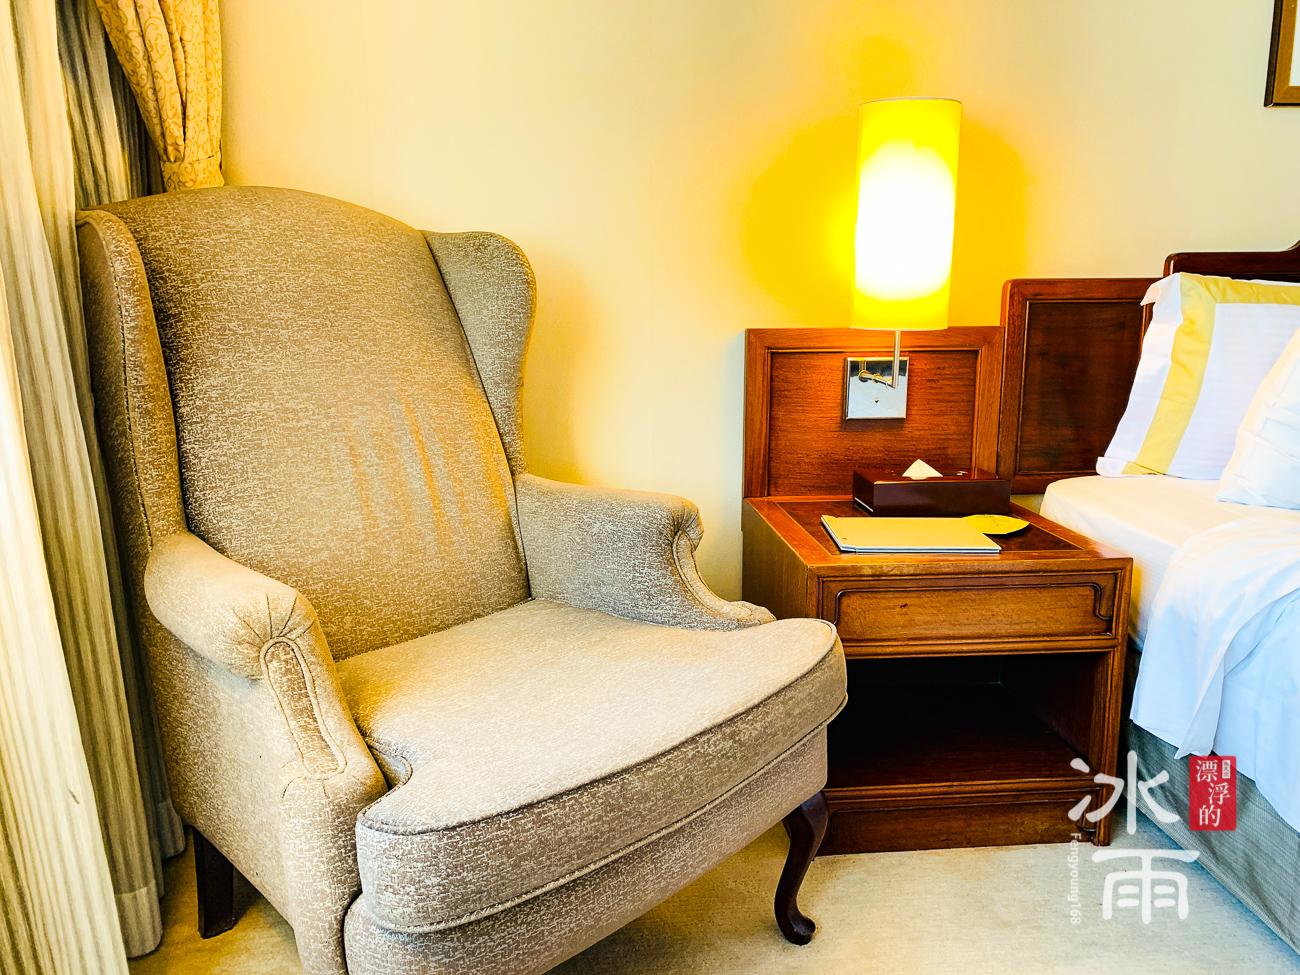 福華大飯店|休憩椅